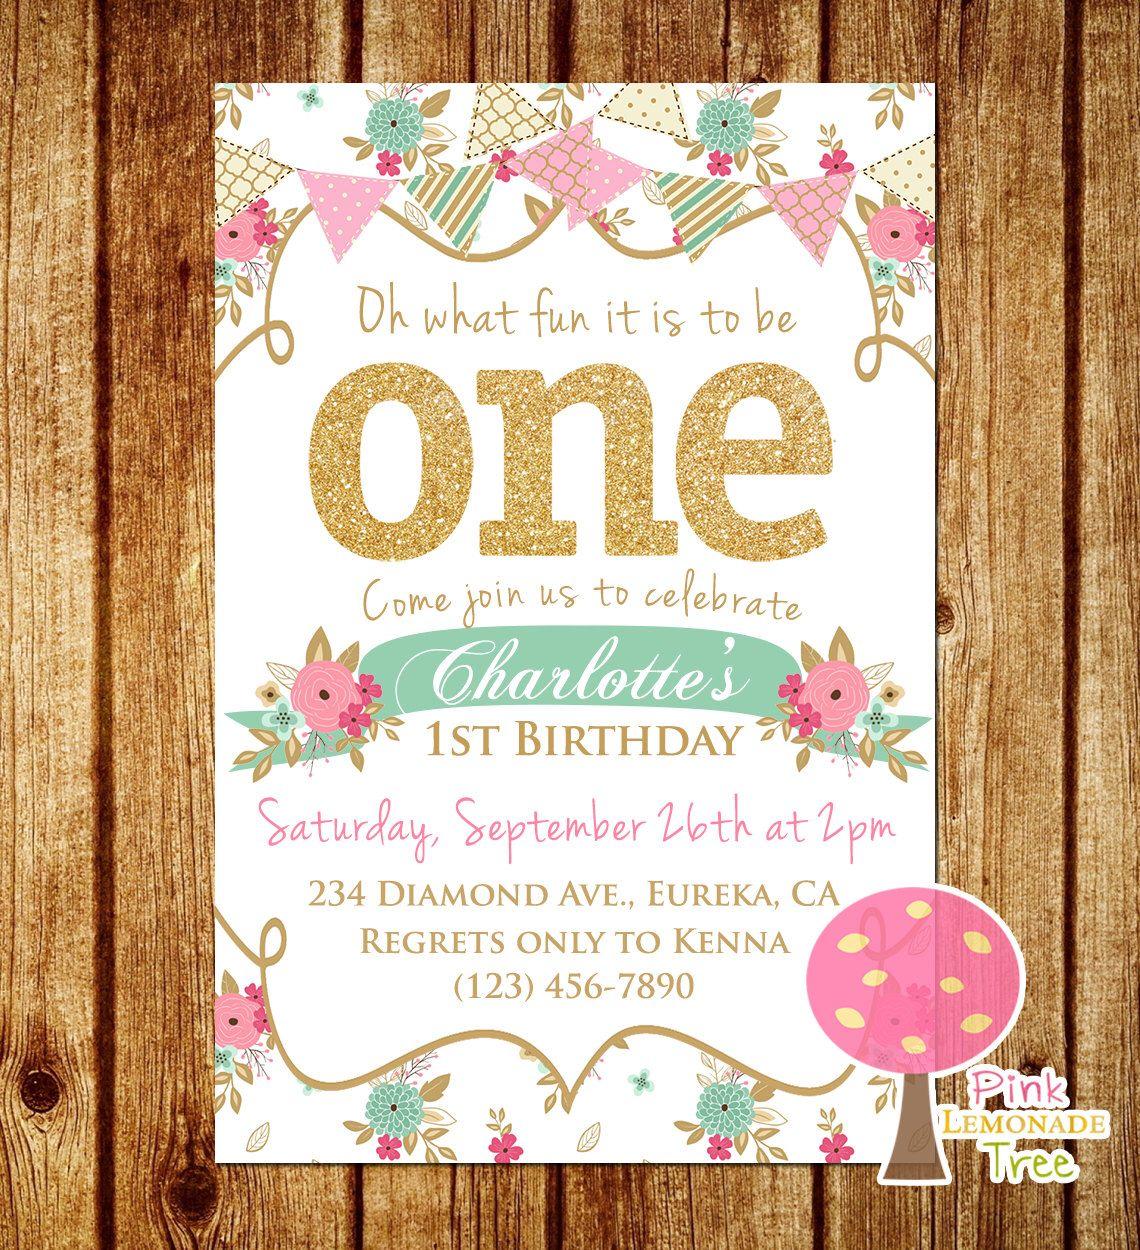 Shabby Chic First Birthday Party Invitation, Gold Glitter Birthday ...